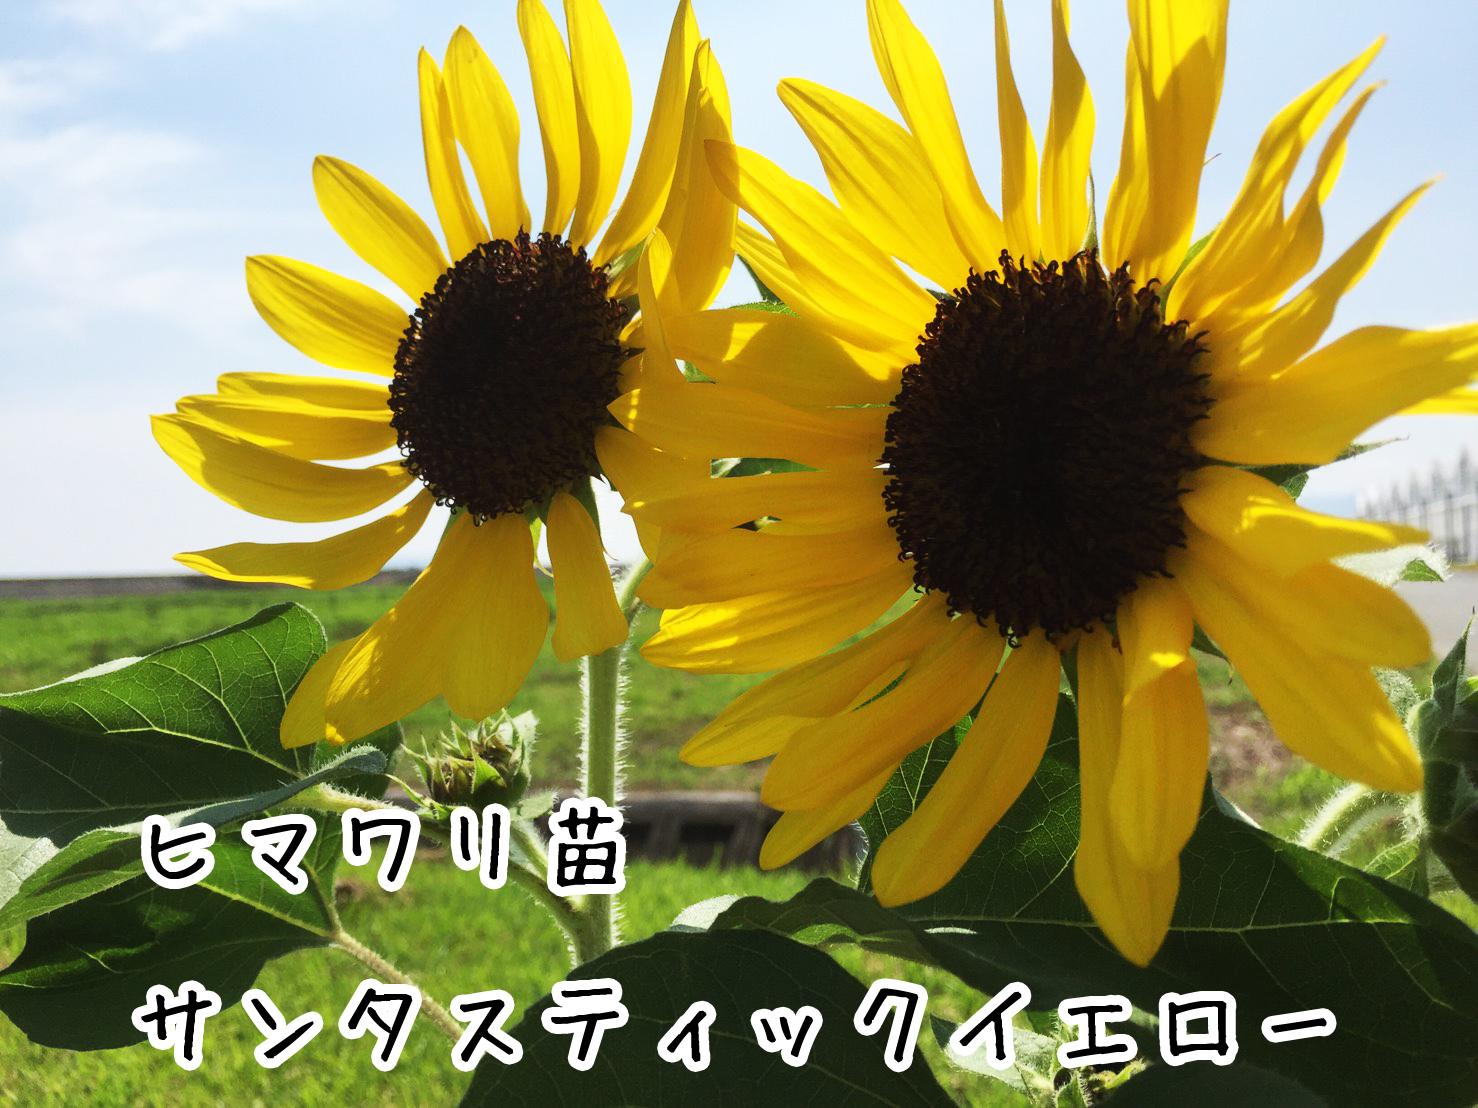 【ヒマワリ苗】 サンタスティックイエロー 10.5cmポット 【人気】